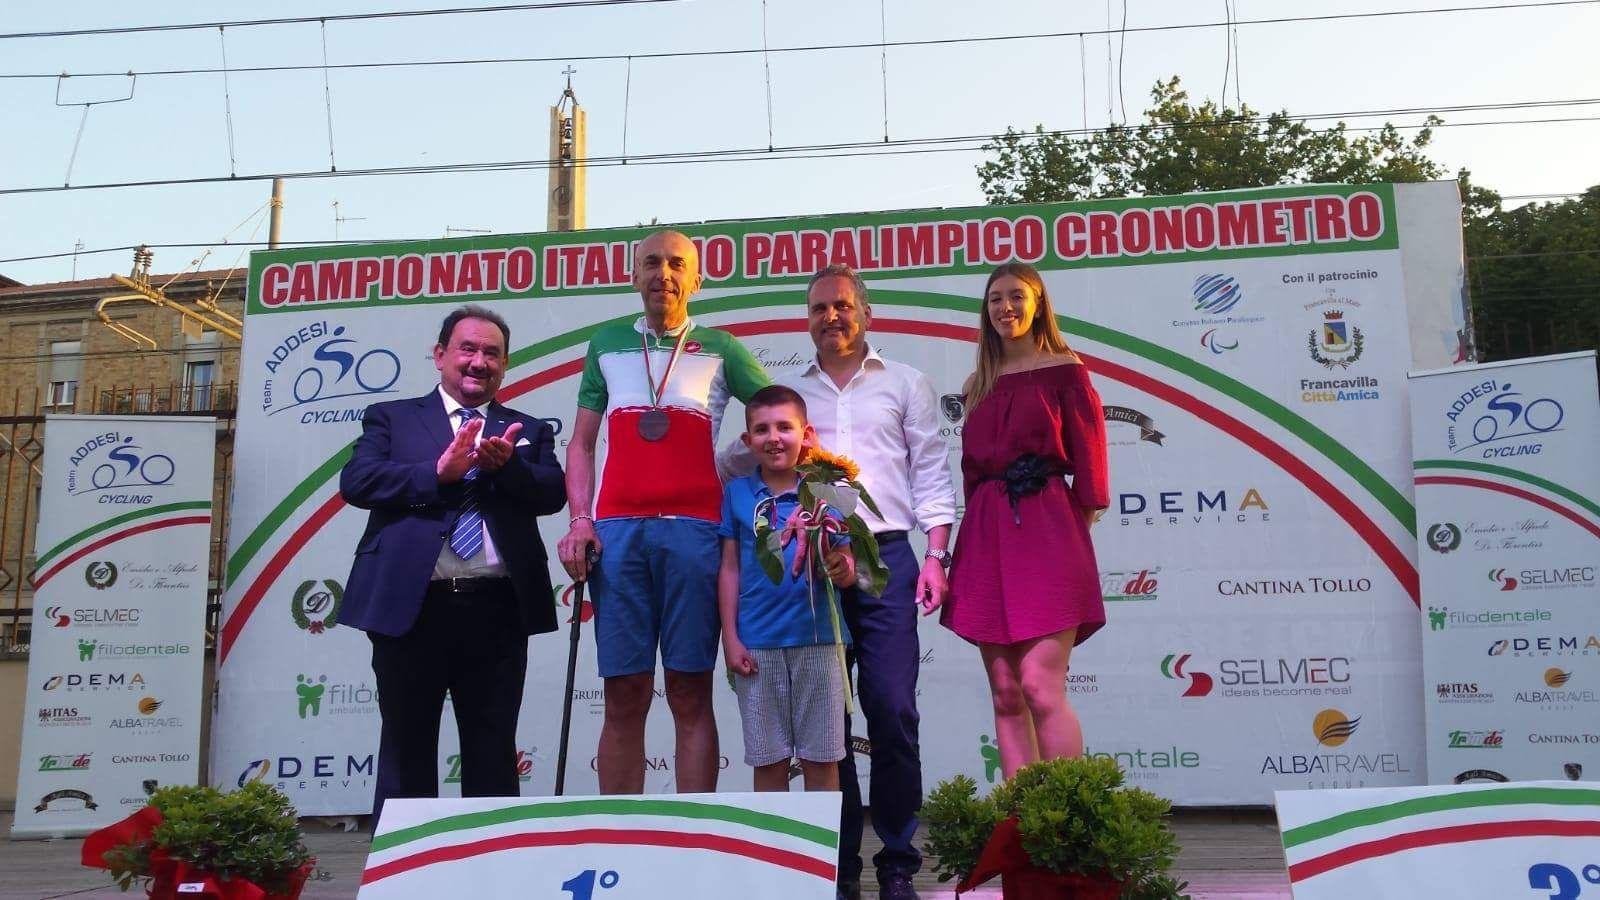 RIVAROLO - Ancora un successo per Livio Raggino: oro nel campionato paralimpico cronometro